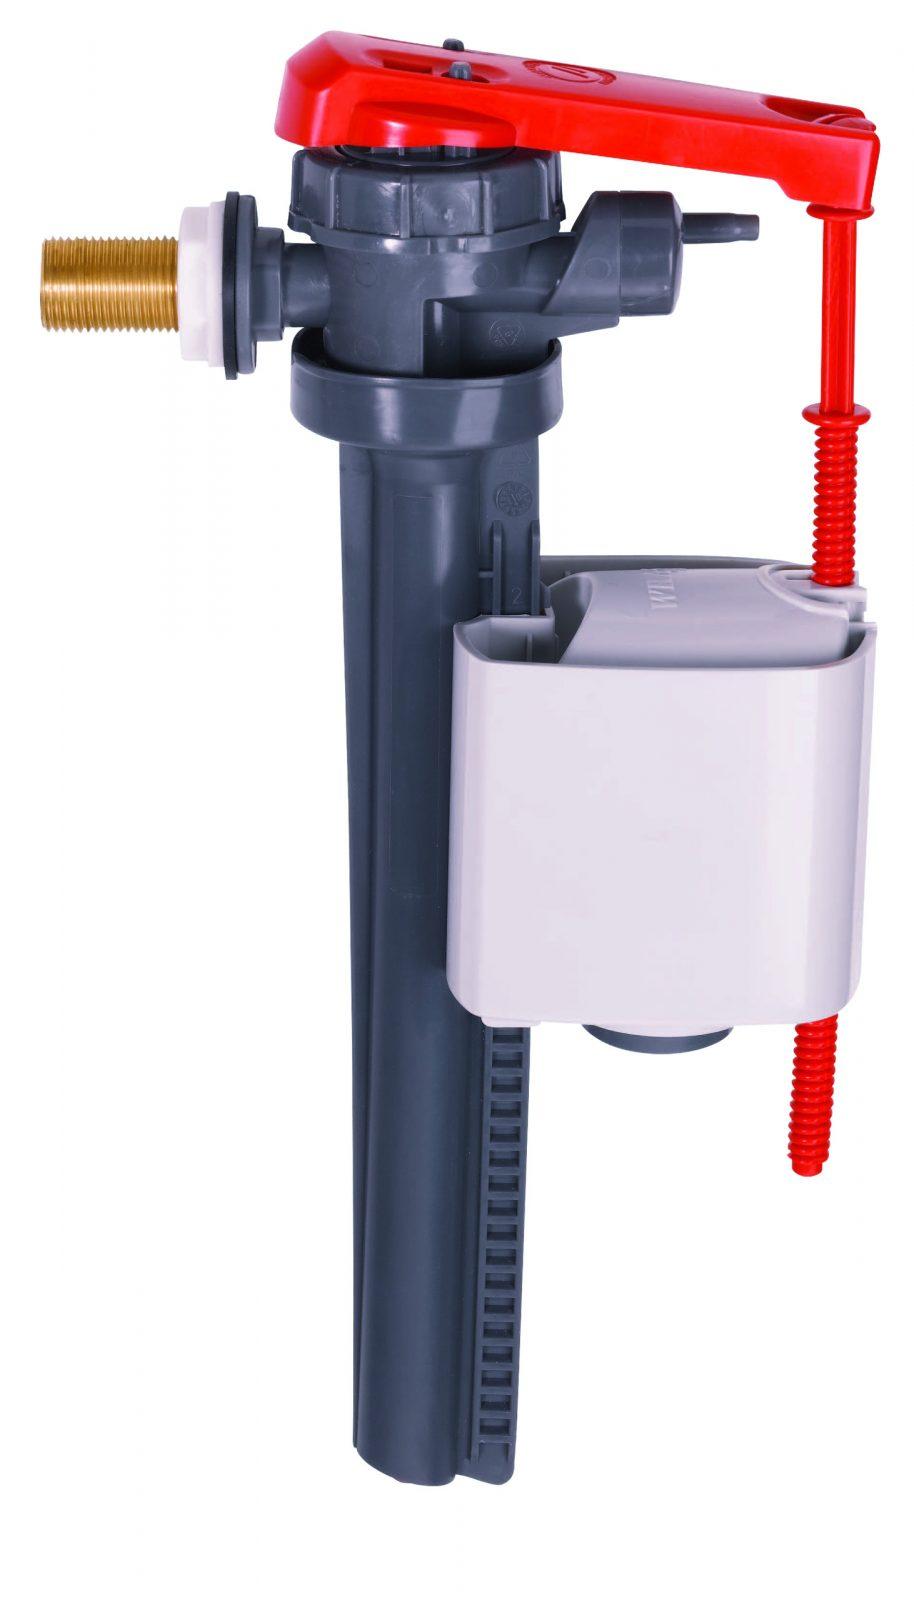 Fiche produit robinets flotteur de chasse d 39 eau de wc - Robinet flotteur wc ...